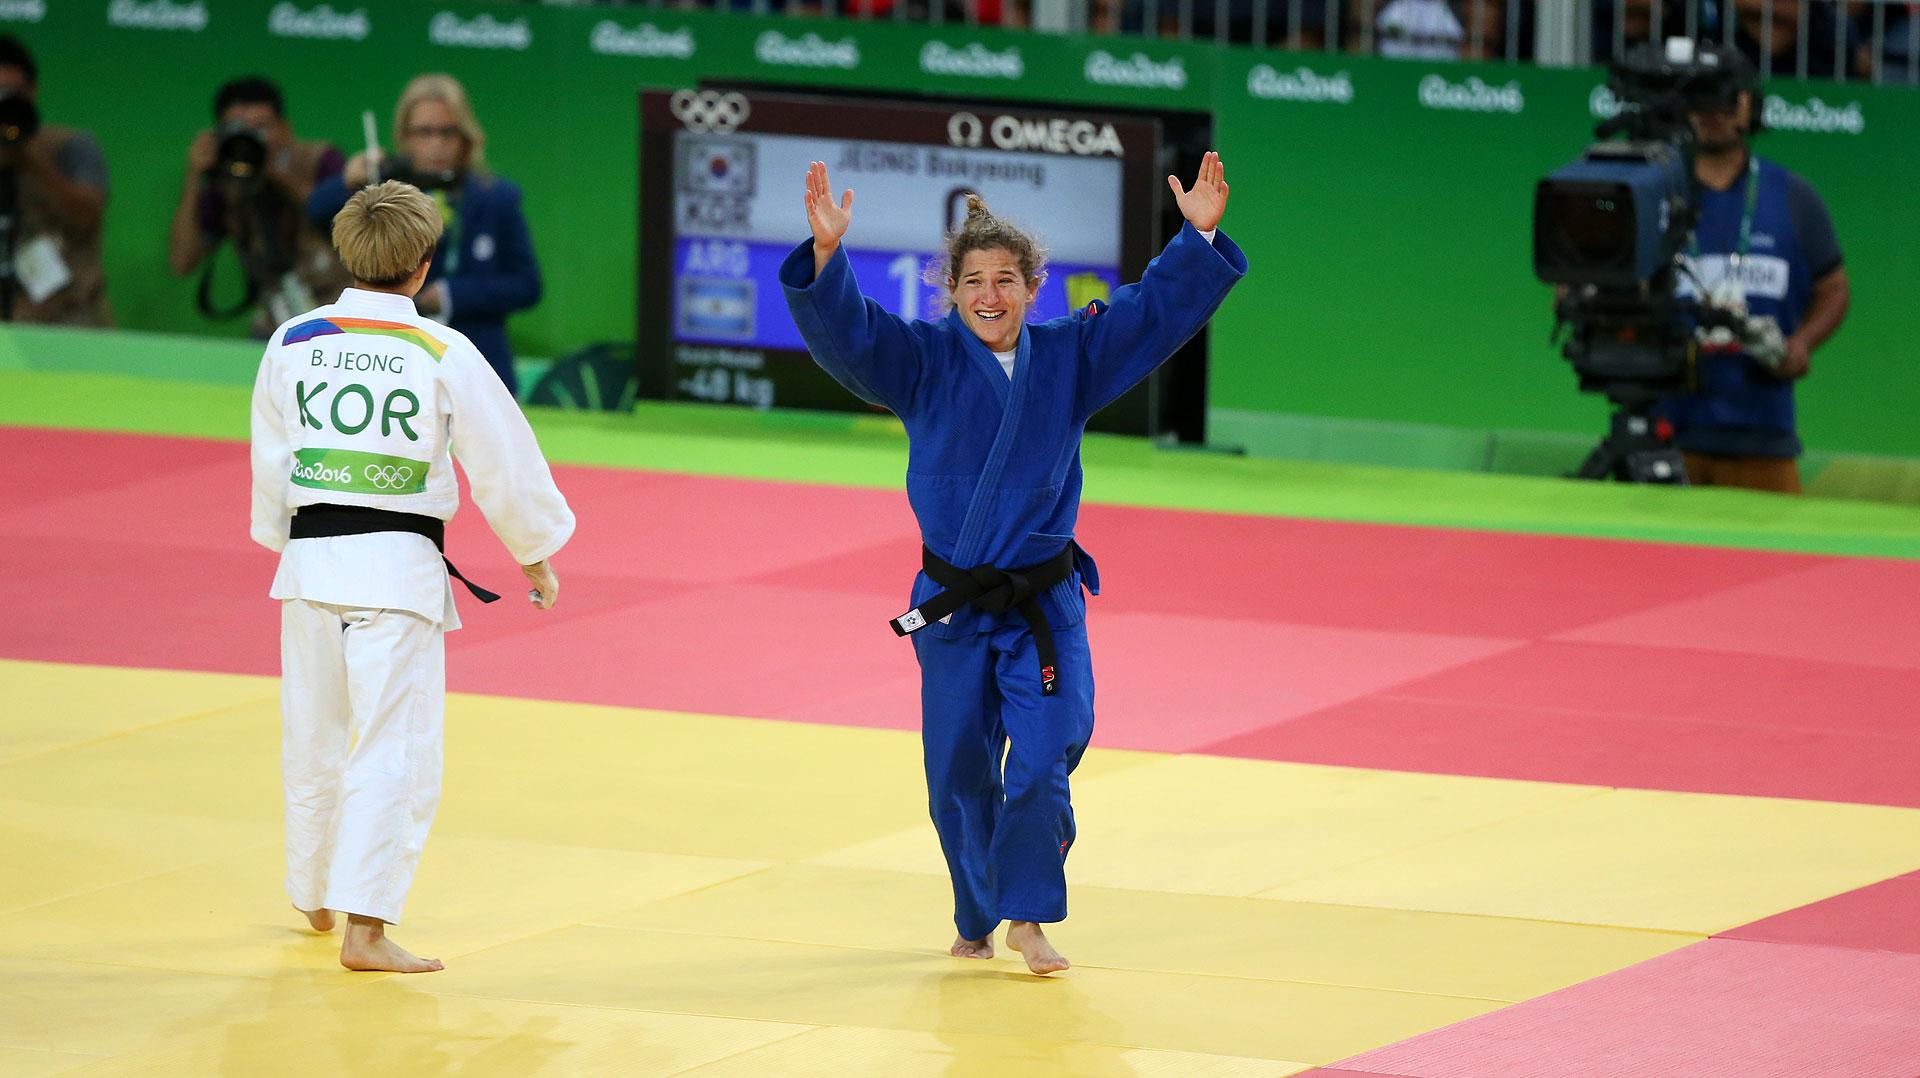 Paula Pareto venció a Jeong y consiguió el oro olímpico (Nicolás Stulberg)